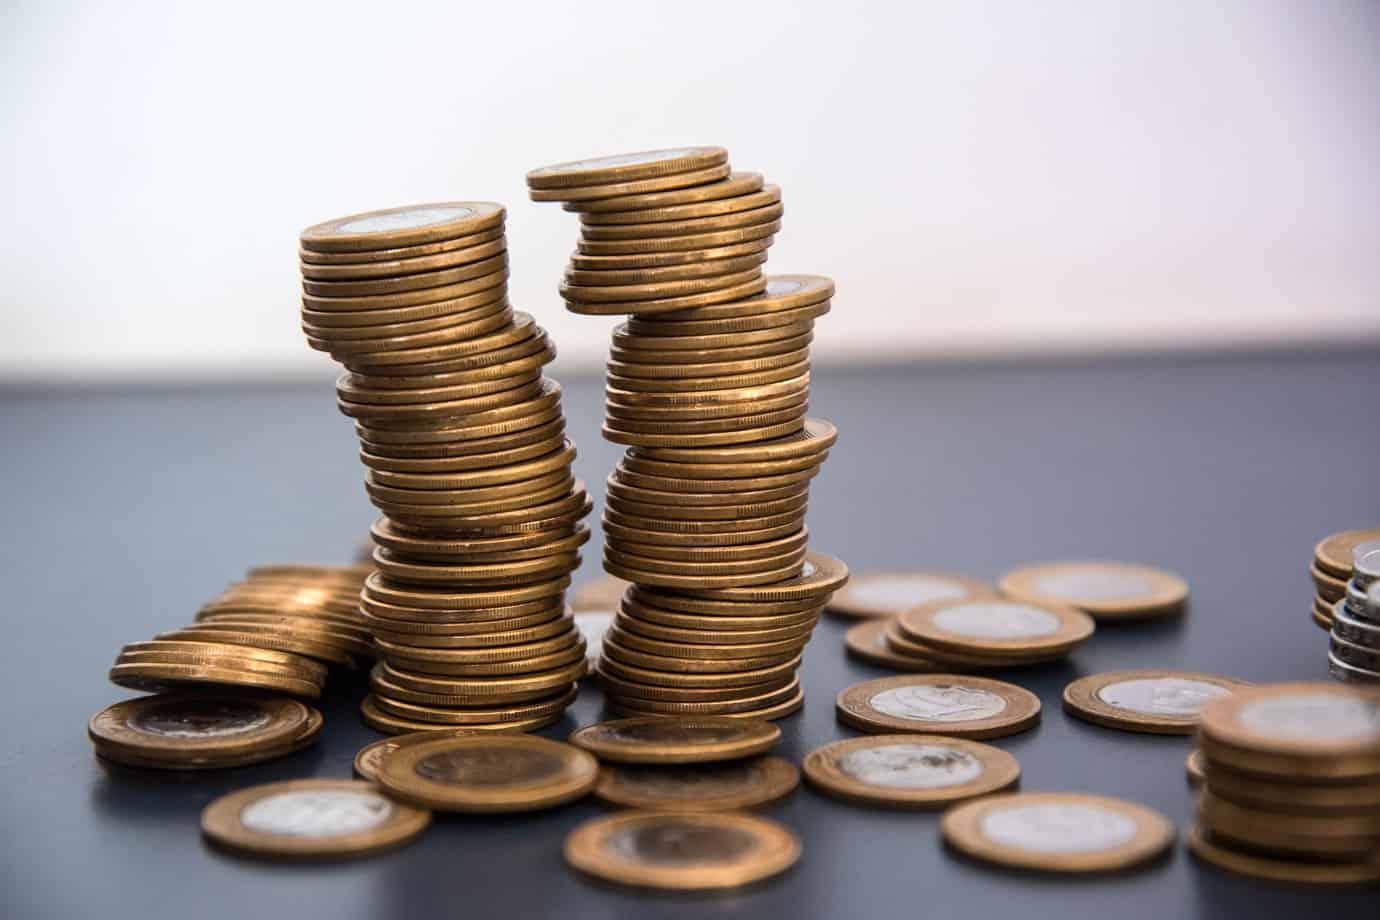 Orçamento 2021: Veja qual área ganha mais e qual perde recursos para o ano que vem (Imagem: Google)